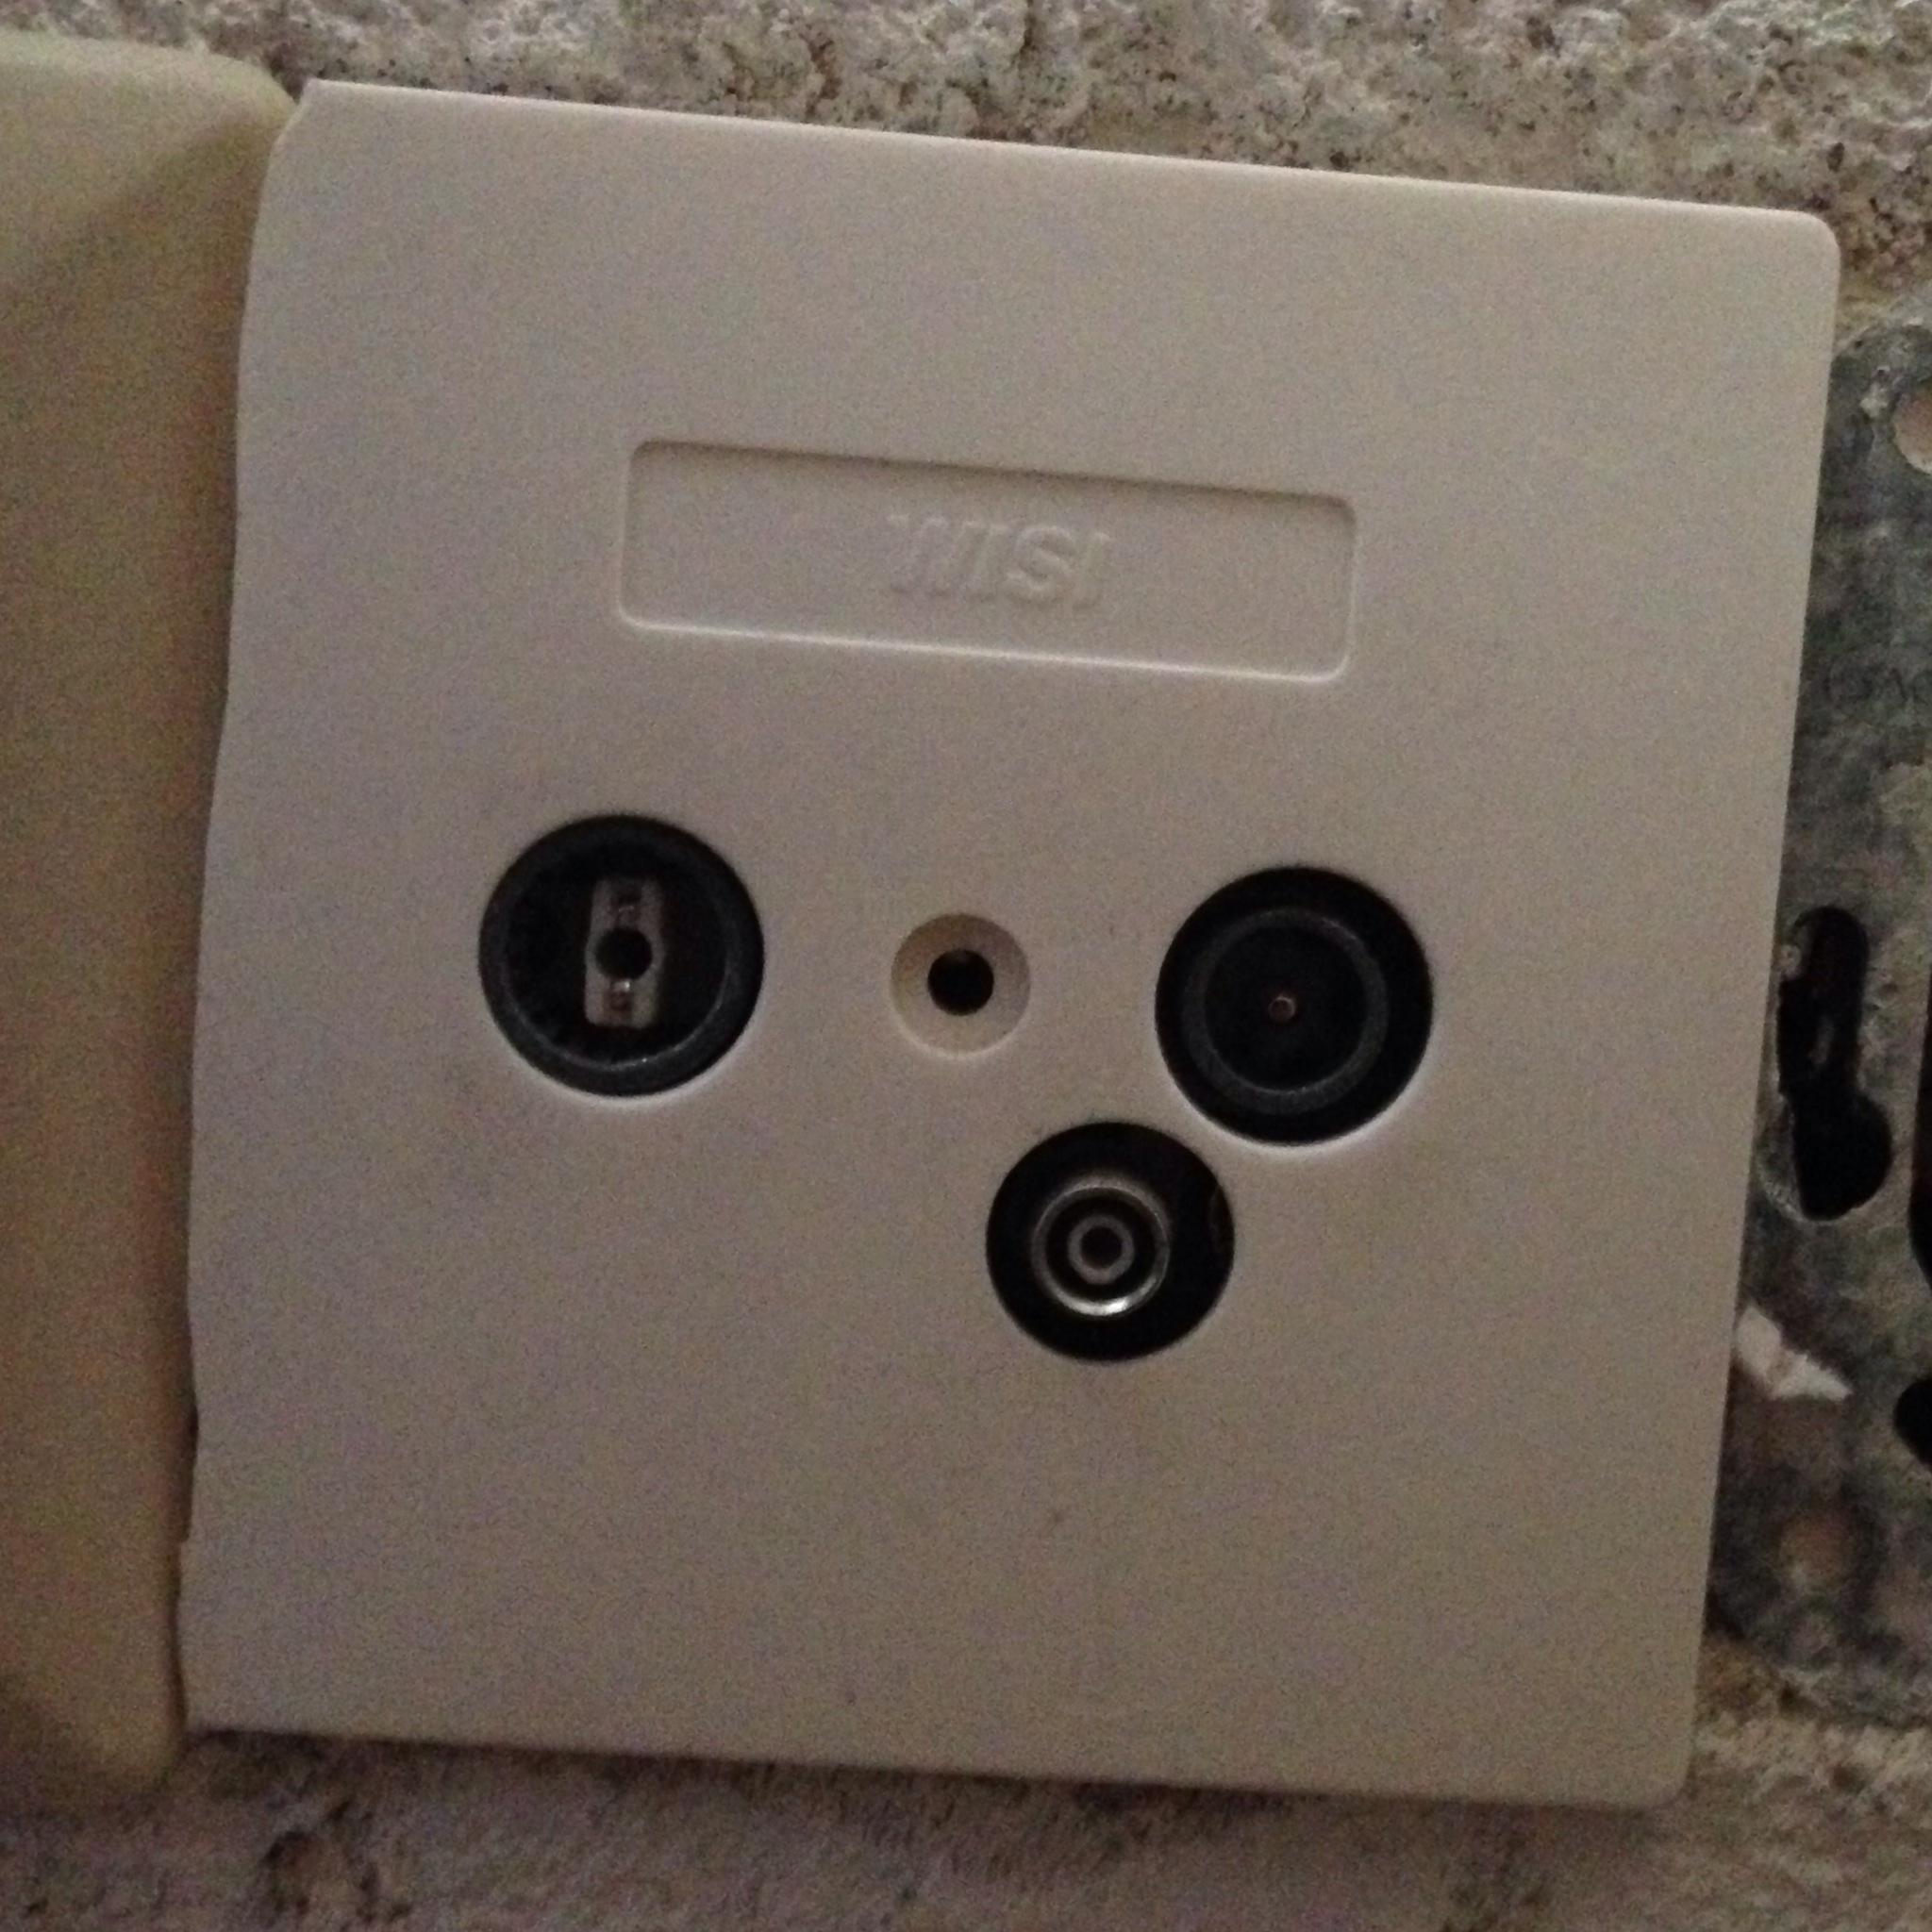 Ist das eine Multimedia Anschlussdose? (siehe Bild) (Internet ...